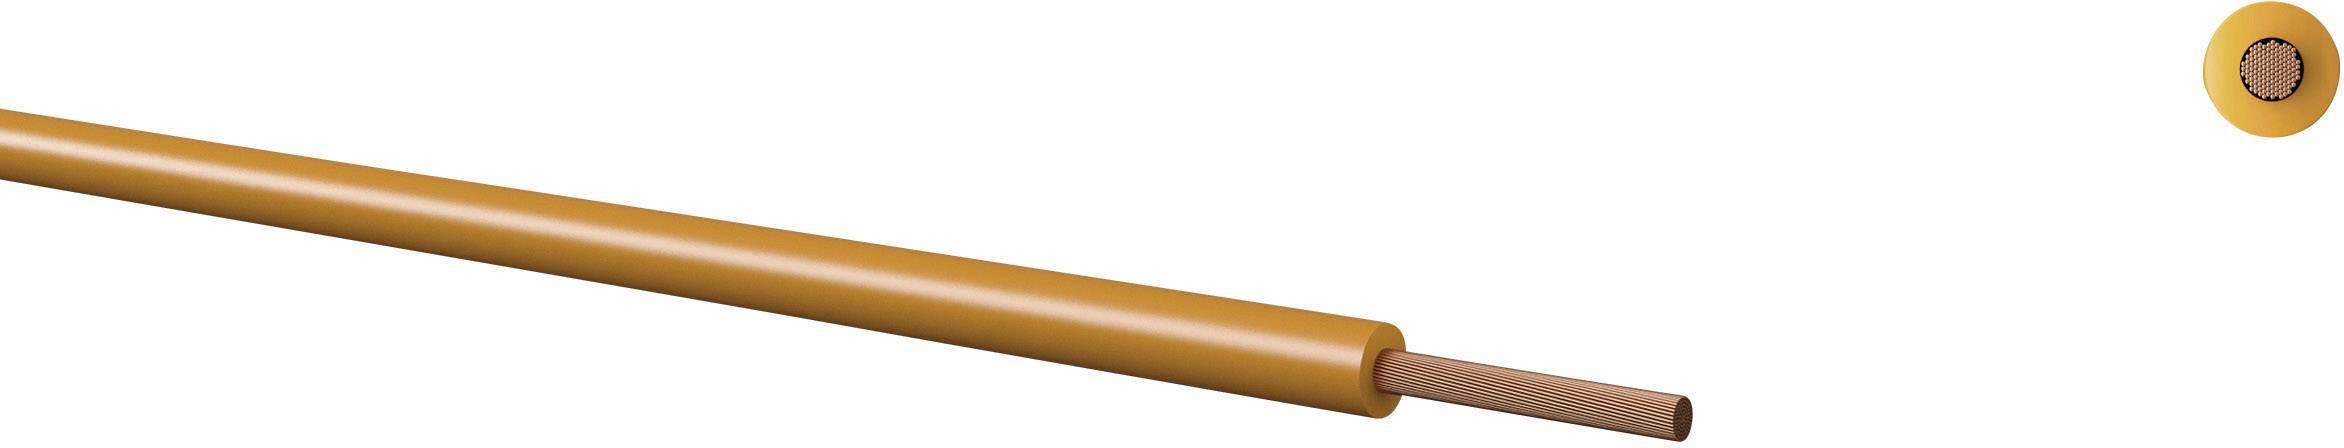 Pletenica LiFY 1 x 0.75 mm, črna Kabeltronik 160107509 cena za meter